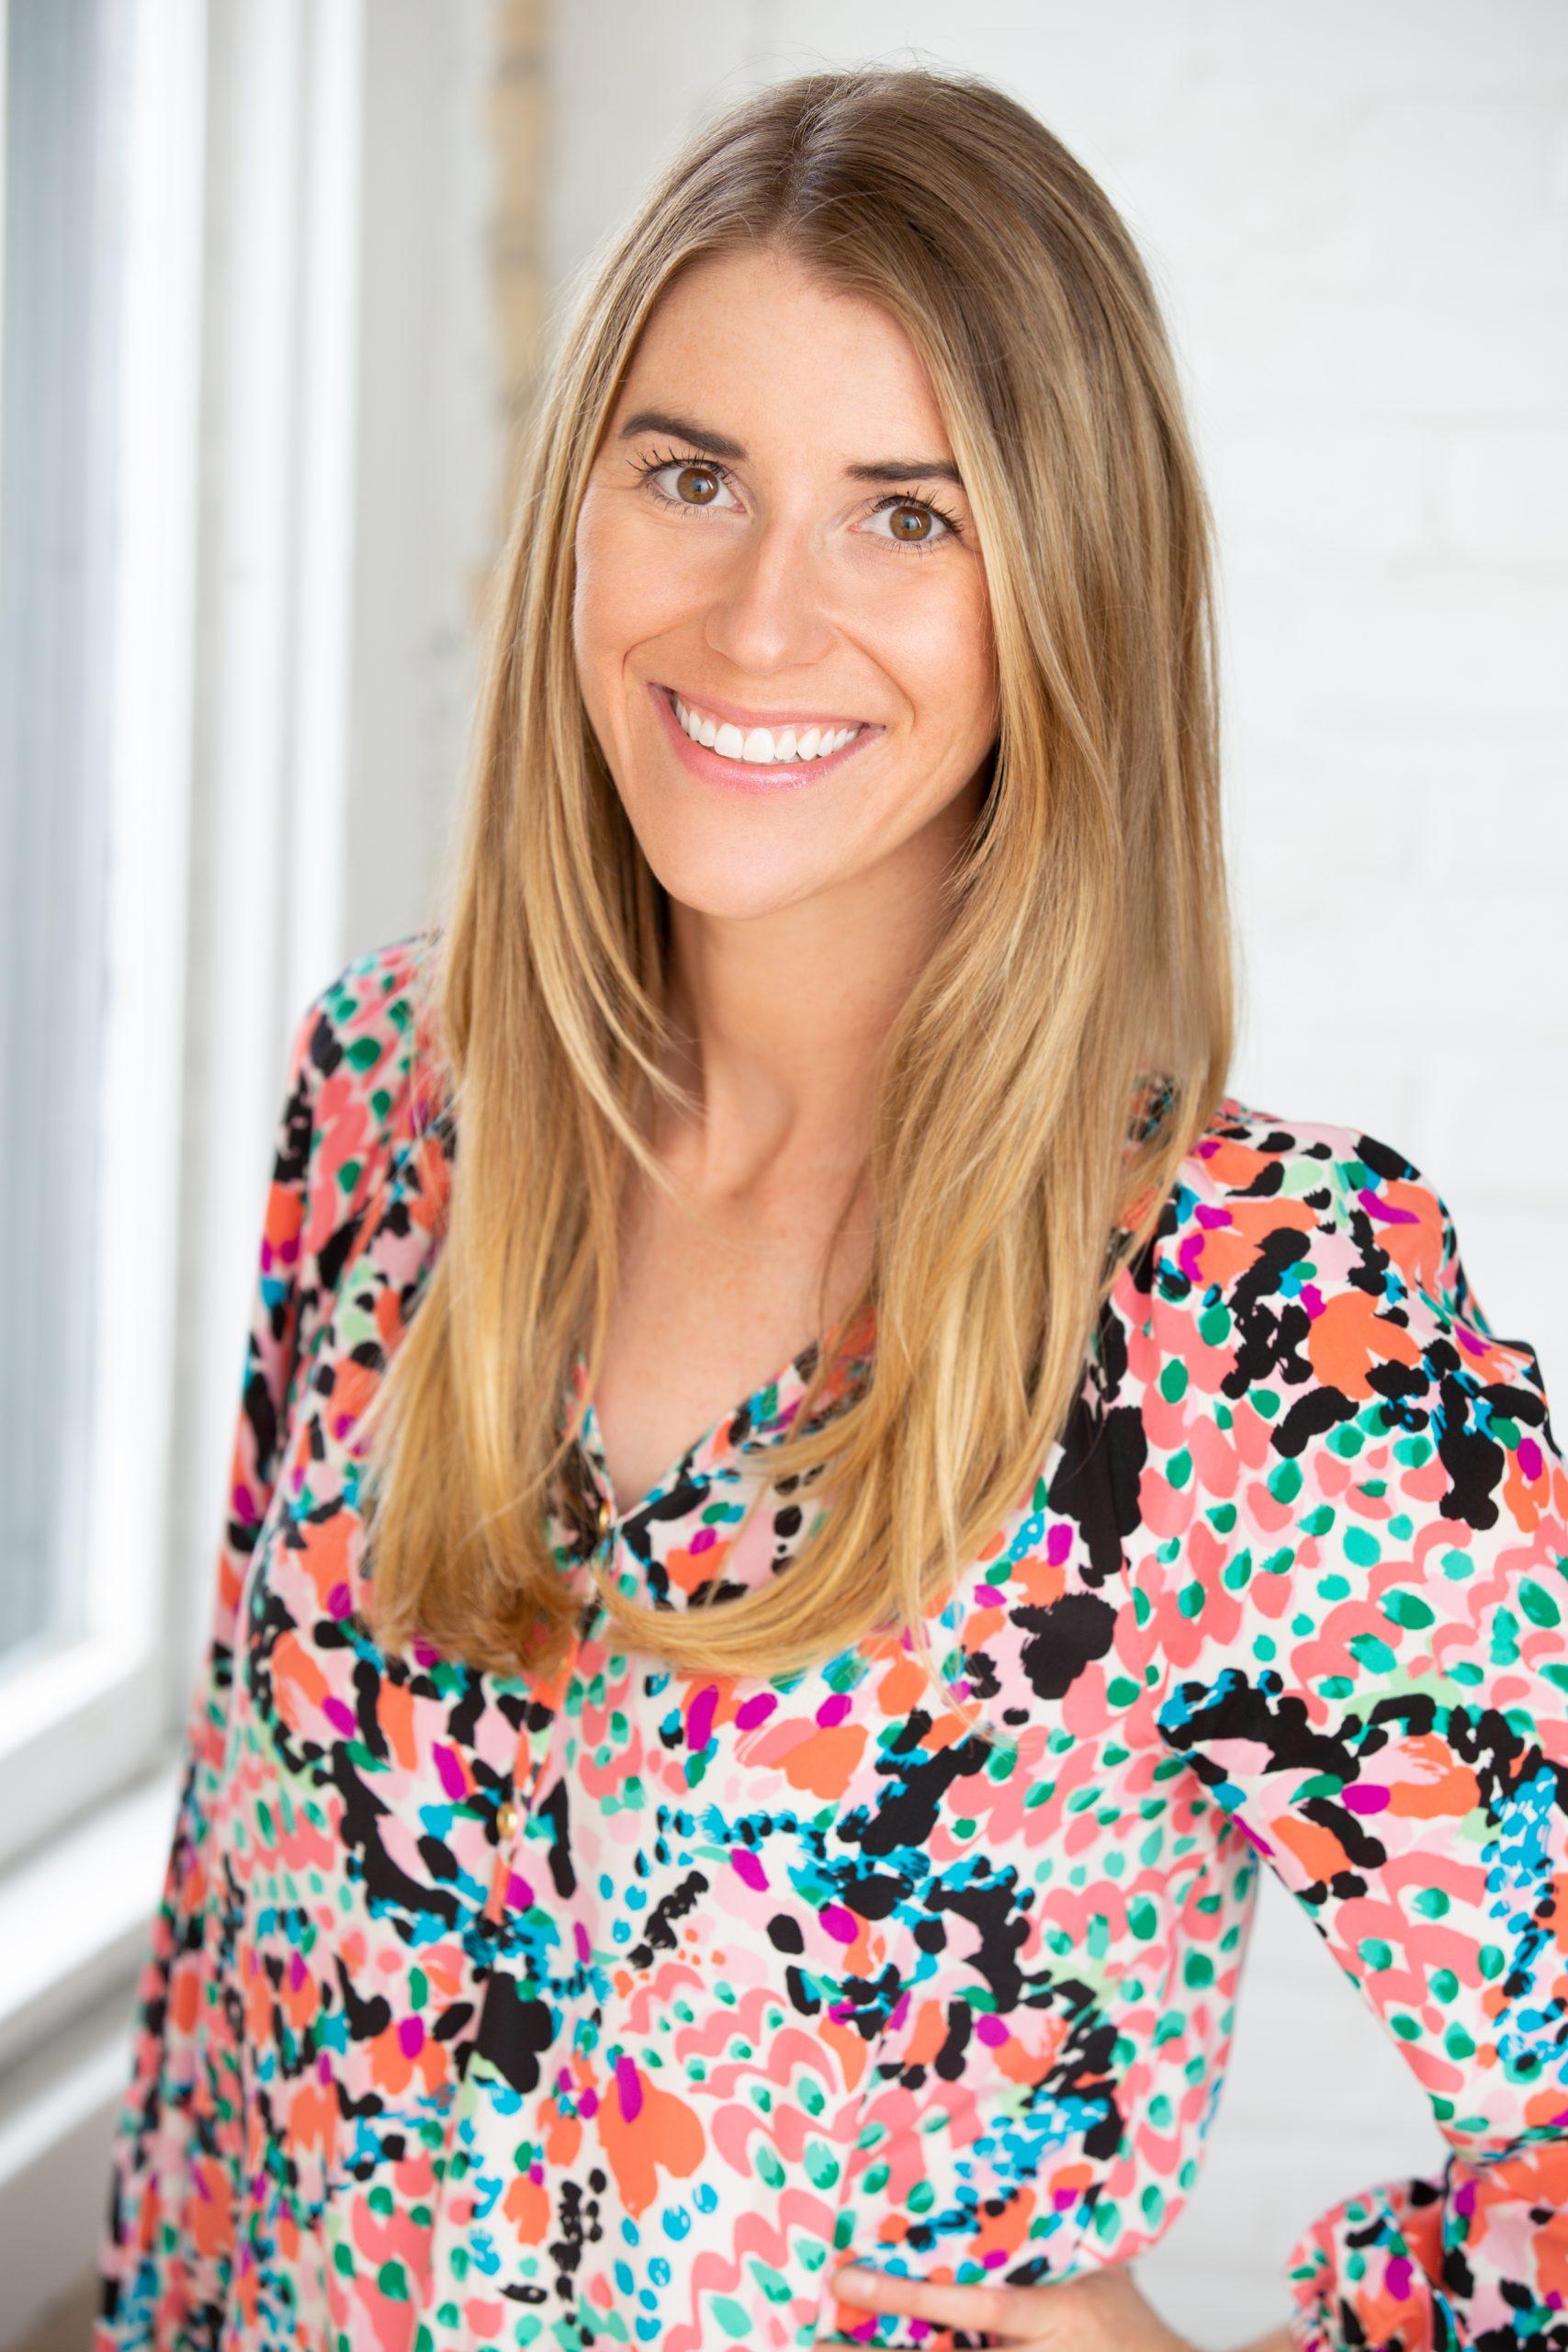 Lauren Paulson